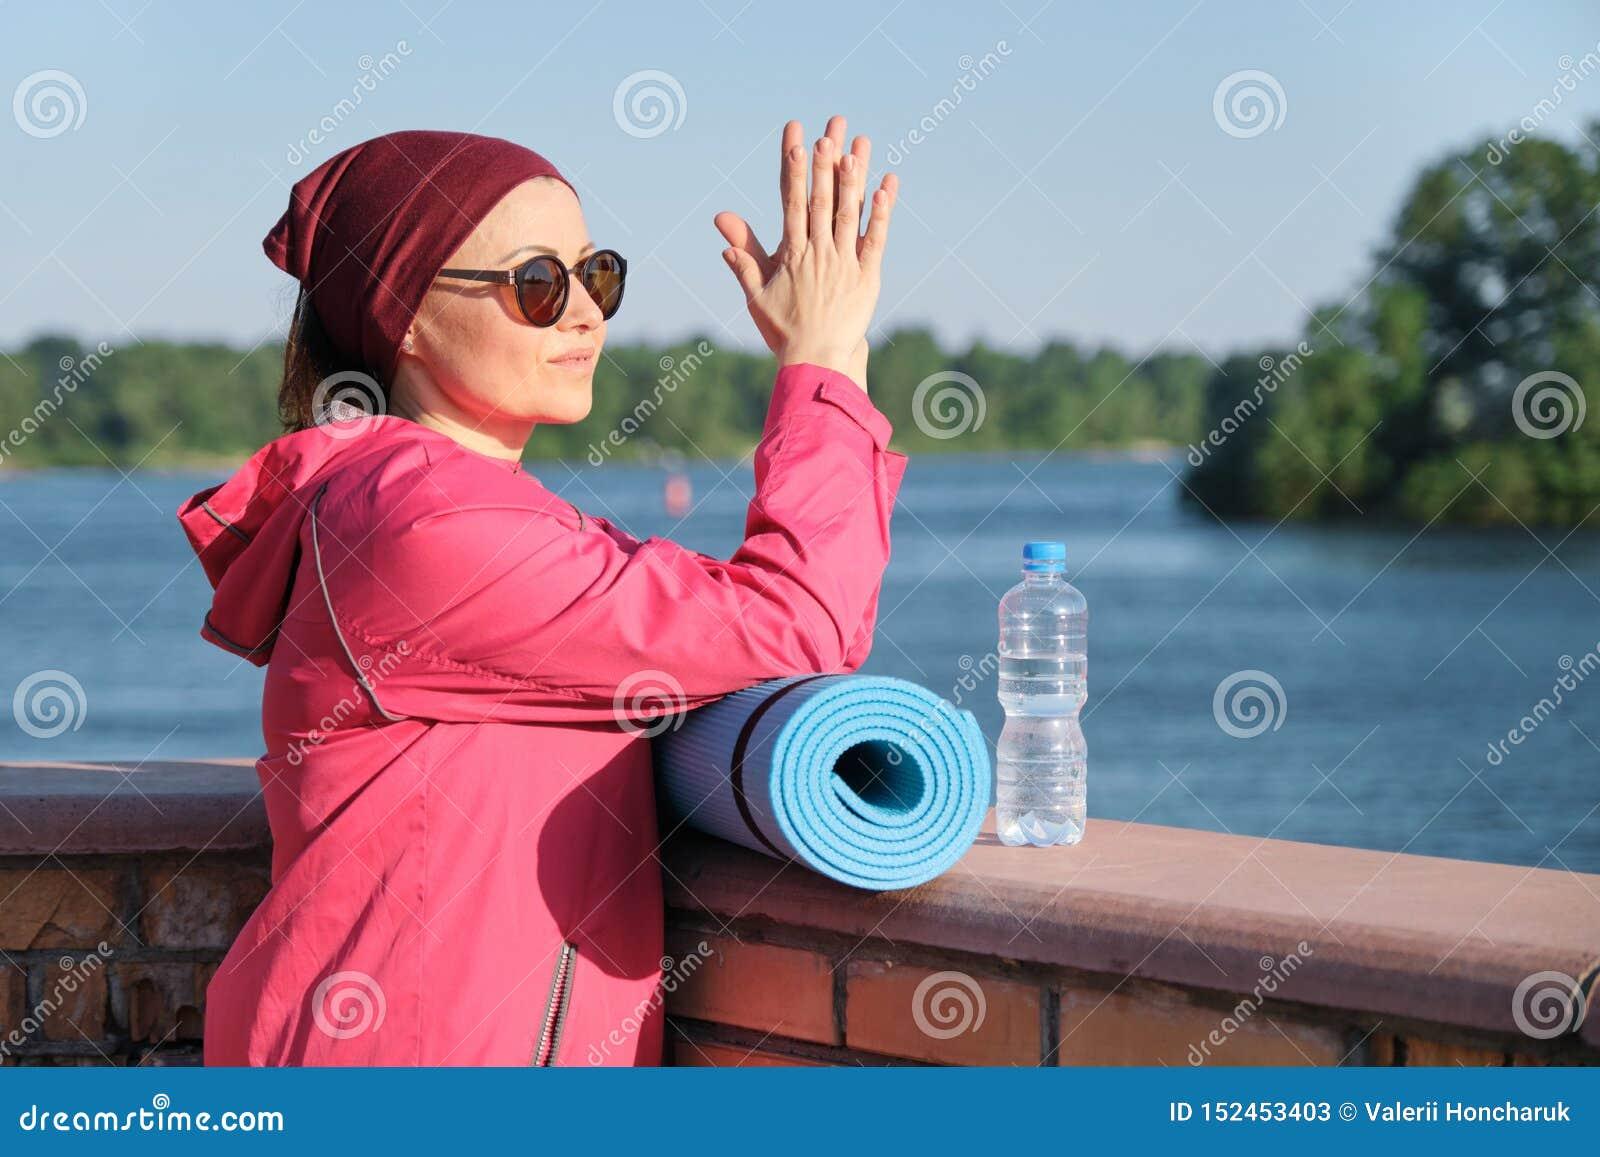 Υγιής τρόπος ζωής της ώριμης γυναίκας, υπαίθριο πορτρέτο ενός θηλυκού ηλικίας sportswear με το χαλί γιόγκας και μπουκάλι νερό